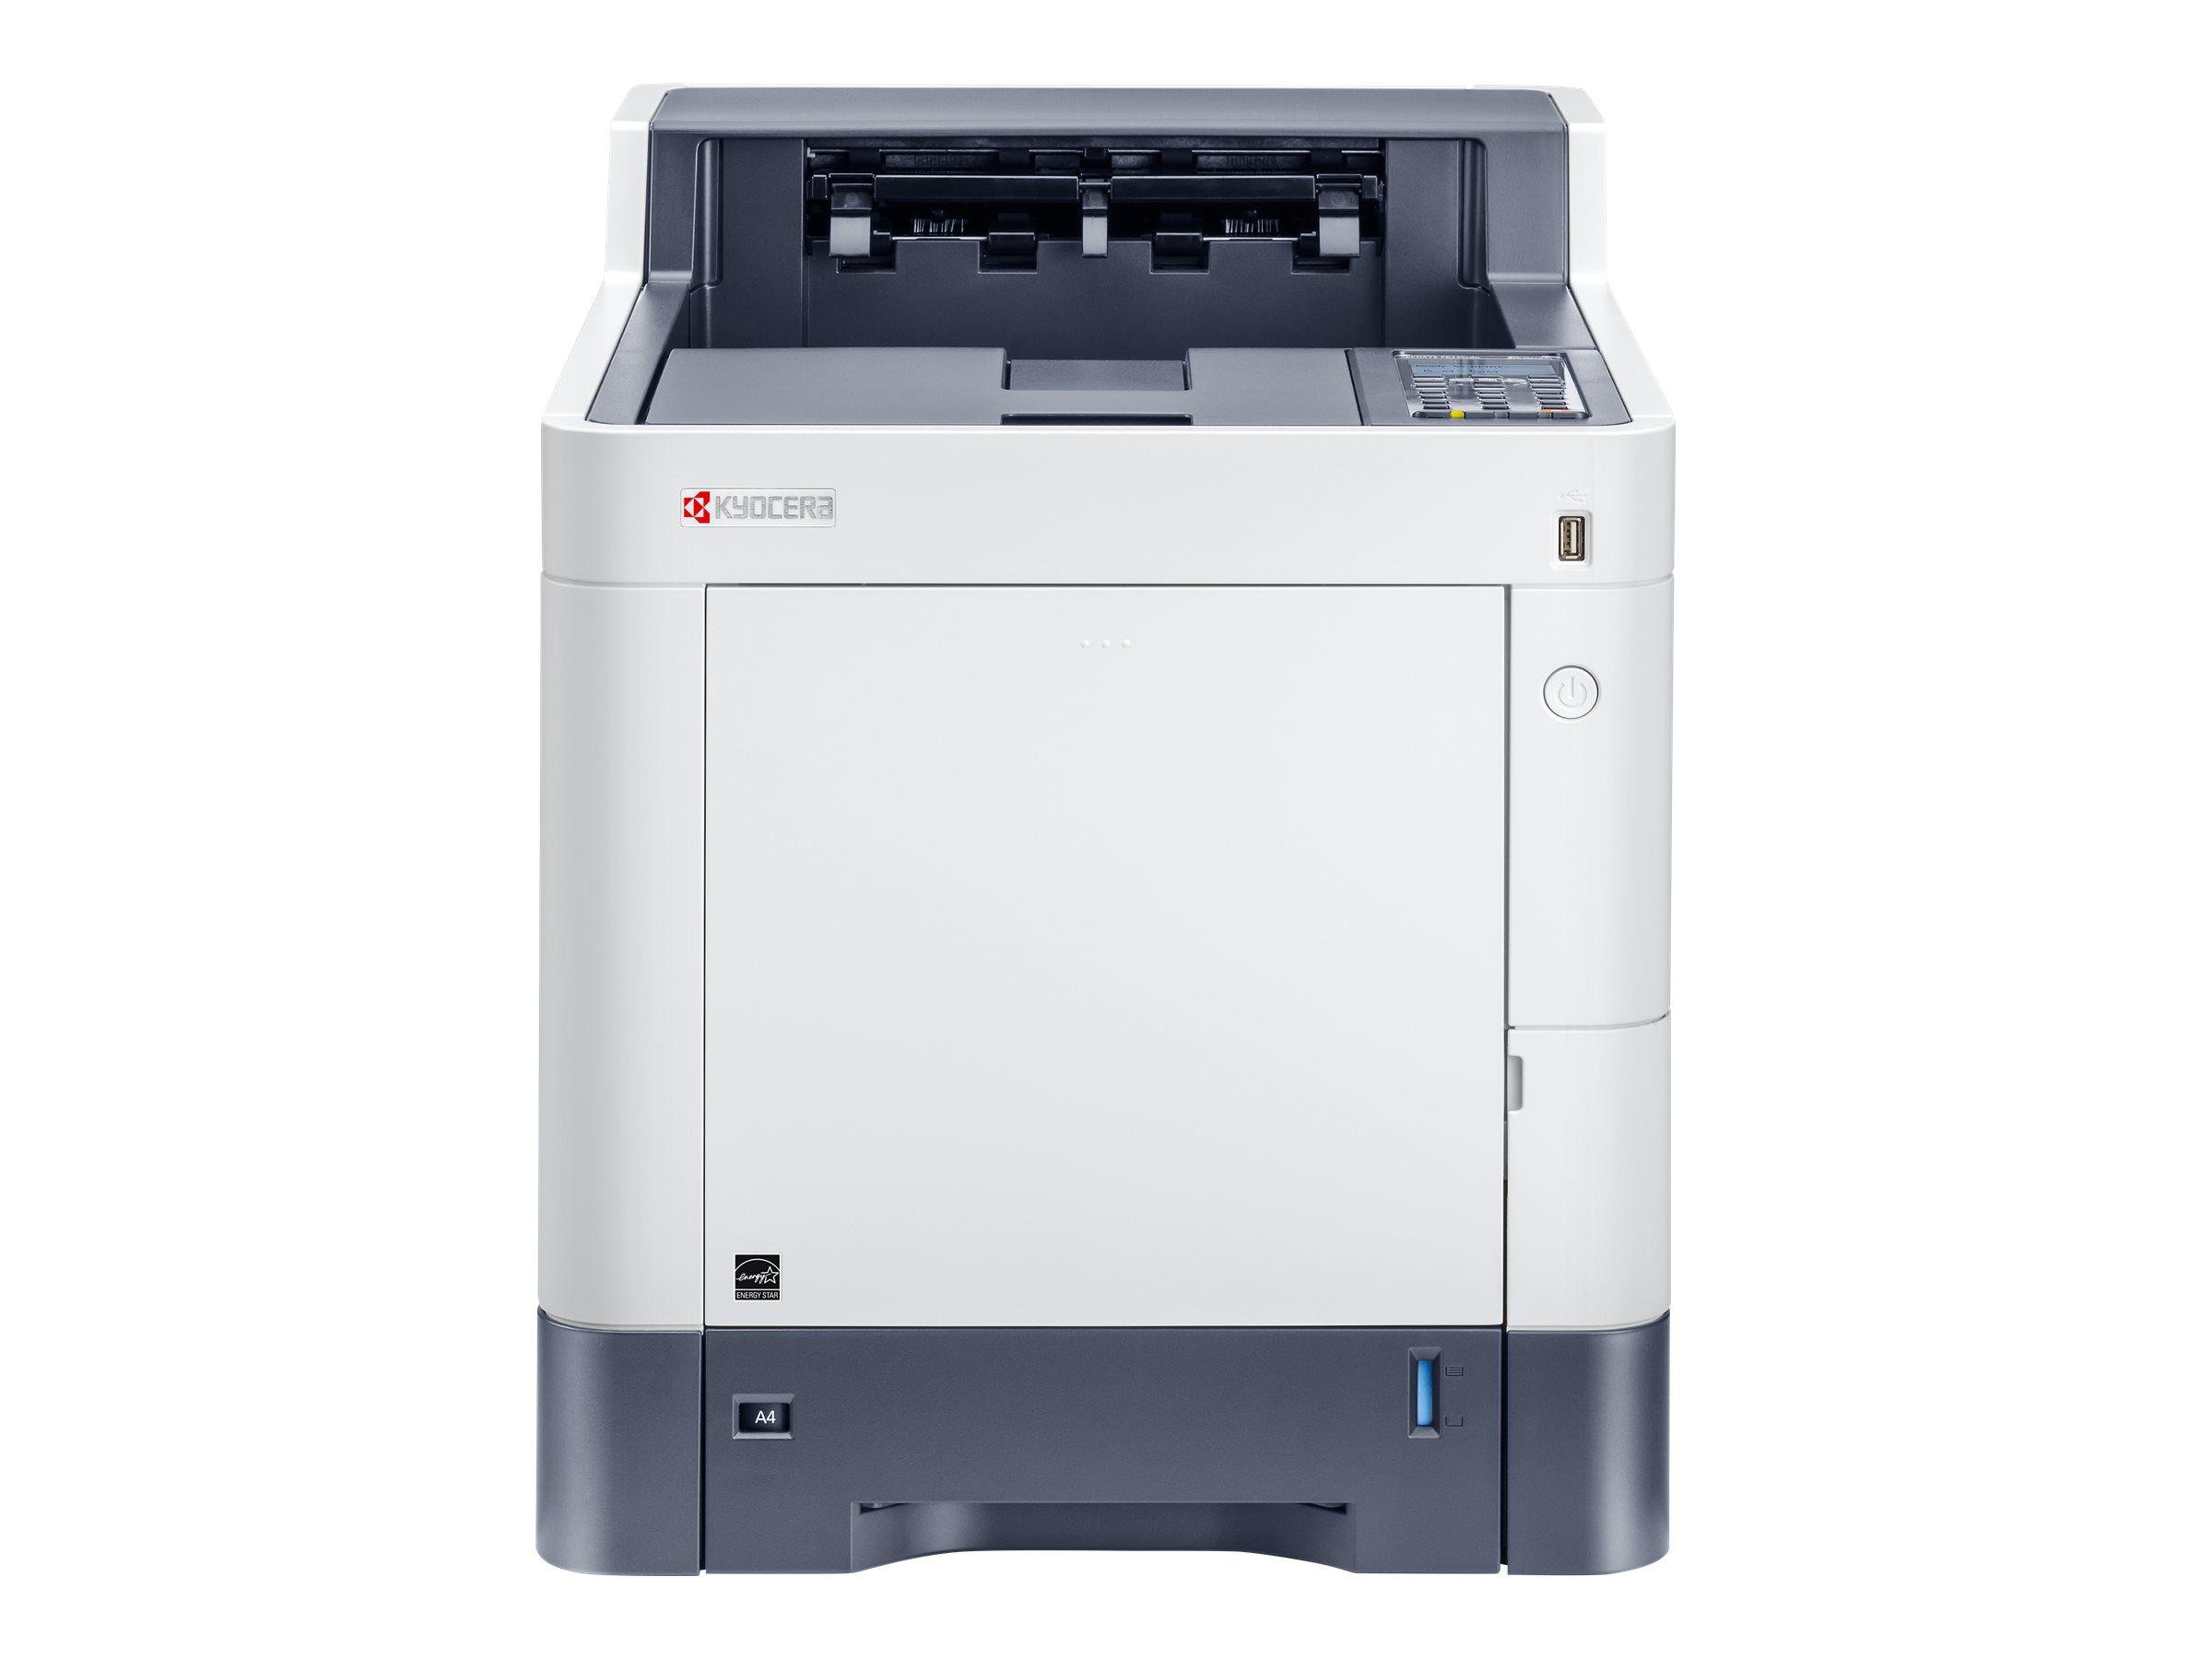 Kyocera ECOSYS P6235CDN/KL3 - Drucker - Farbe - Duplex - Laser - A4/Legal - 1200 x 1200 dpi - bis zu 35 Seiten/Min. (einfarbig)/